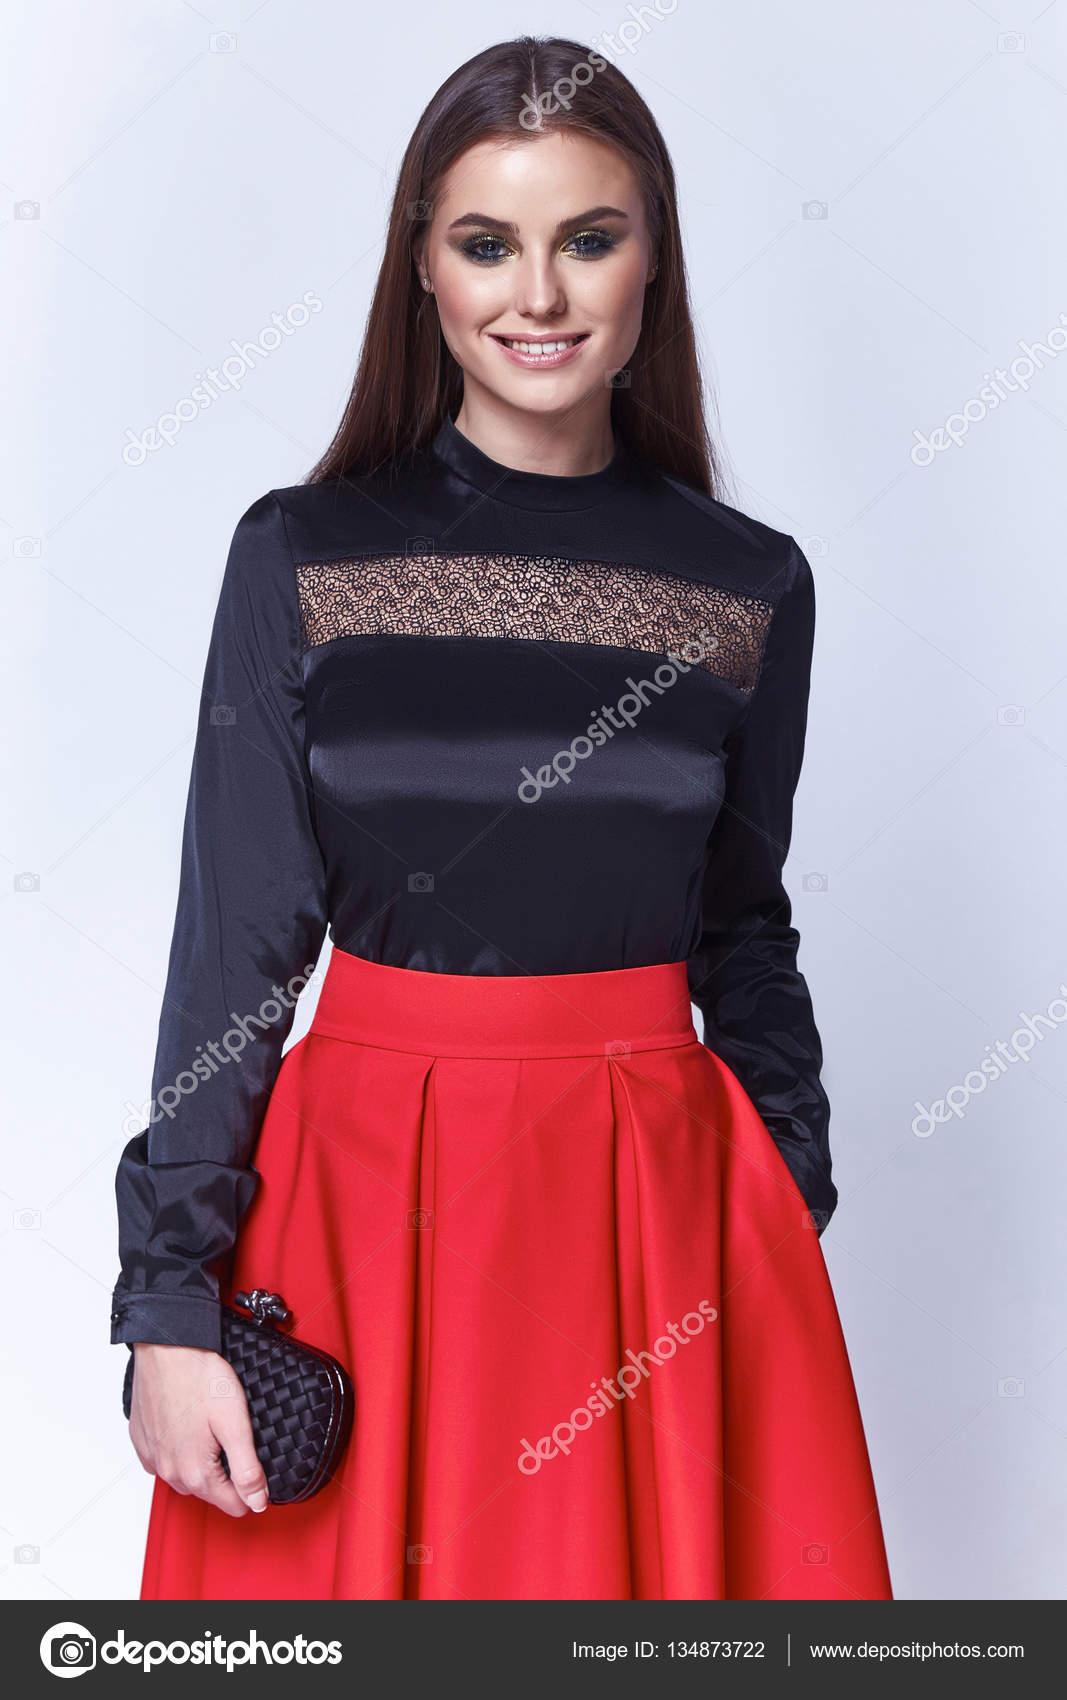 2854ba07a4 Hermosa mujer primavera otoño Colección Glamour modelo negocio oficina moda  ropa de Dama vestir casual estilo blusa de seda roja falda larga negro cara  ...